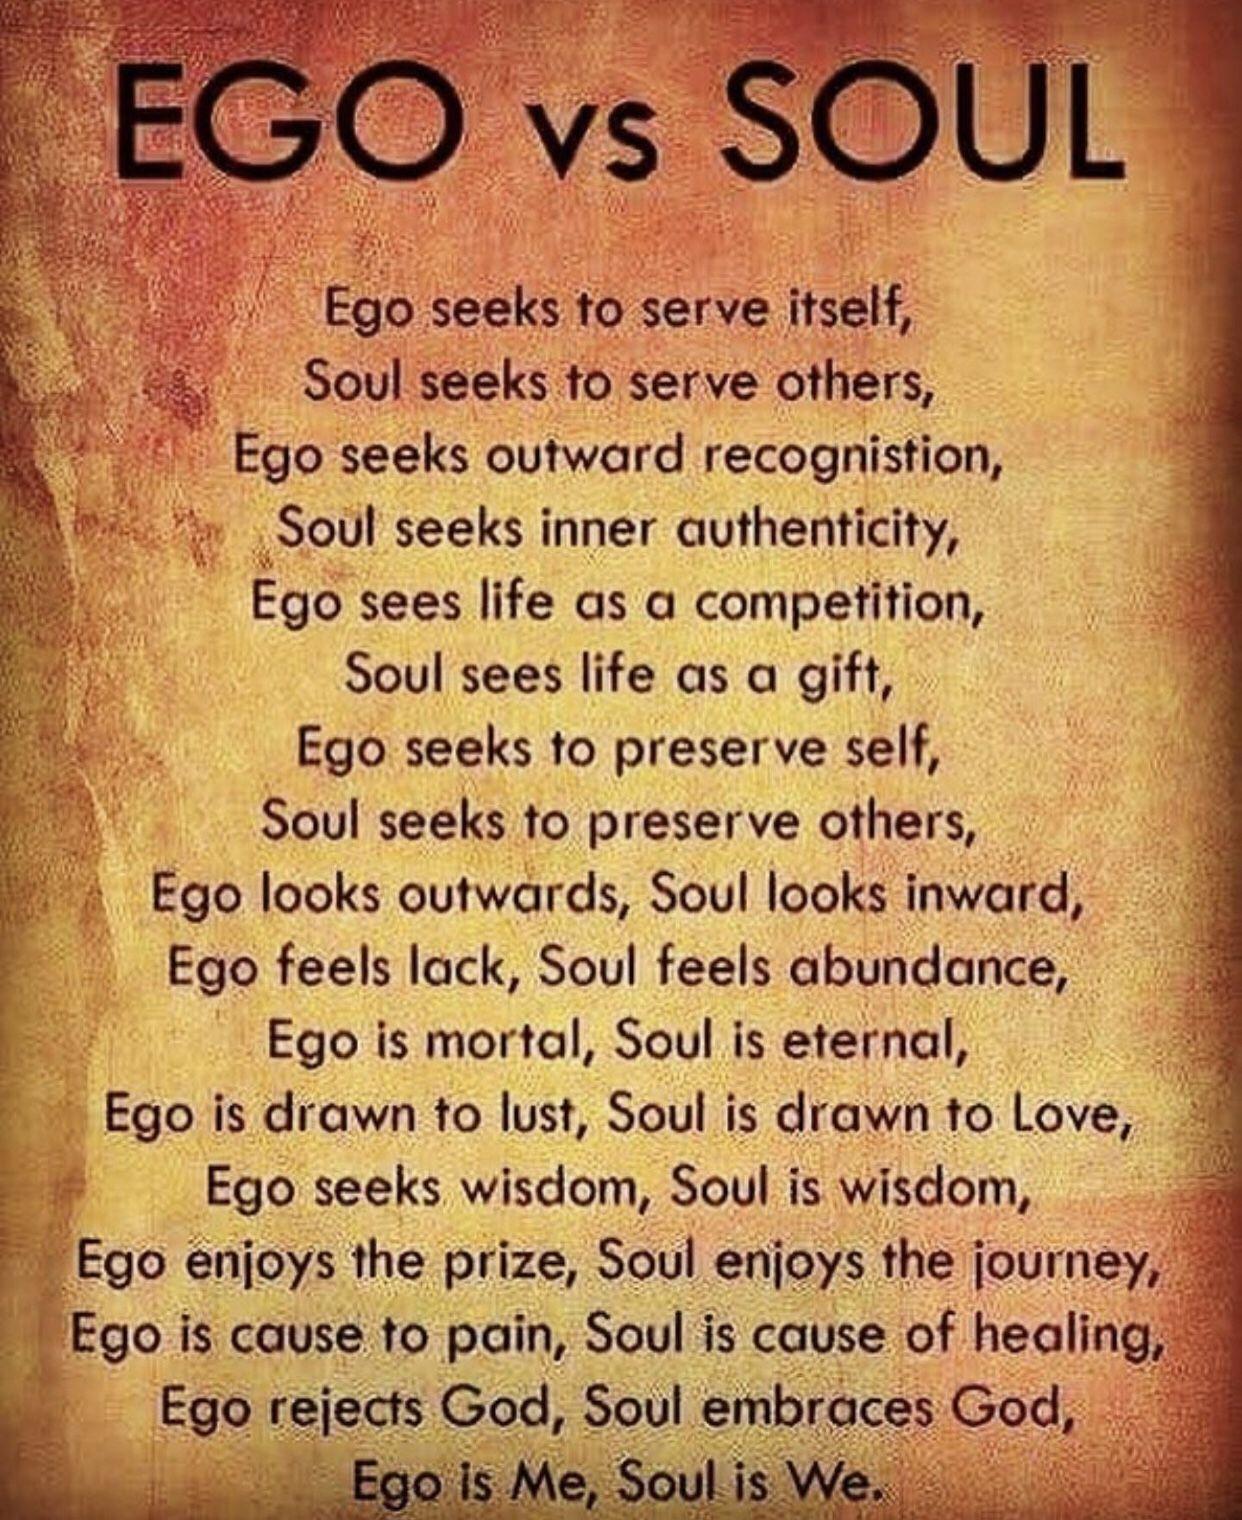 Ego versus Spirit/Soul | Ego vs soul, Ego quotes, Pride quotes